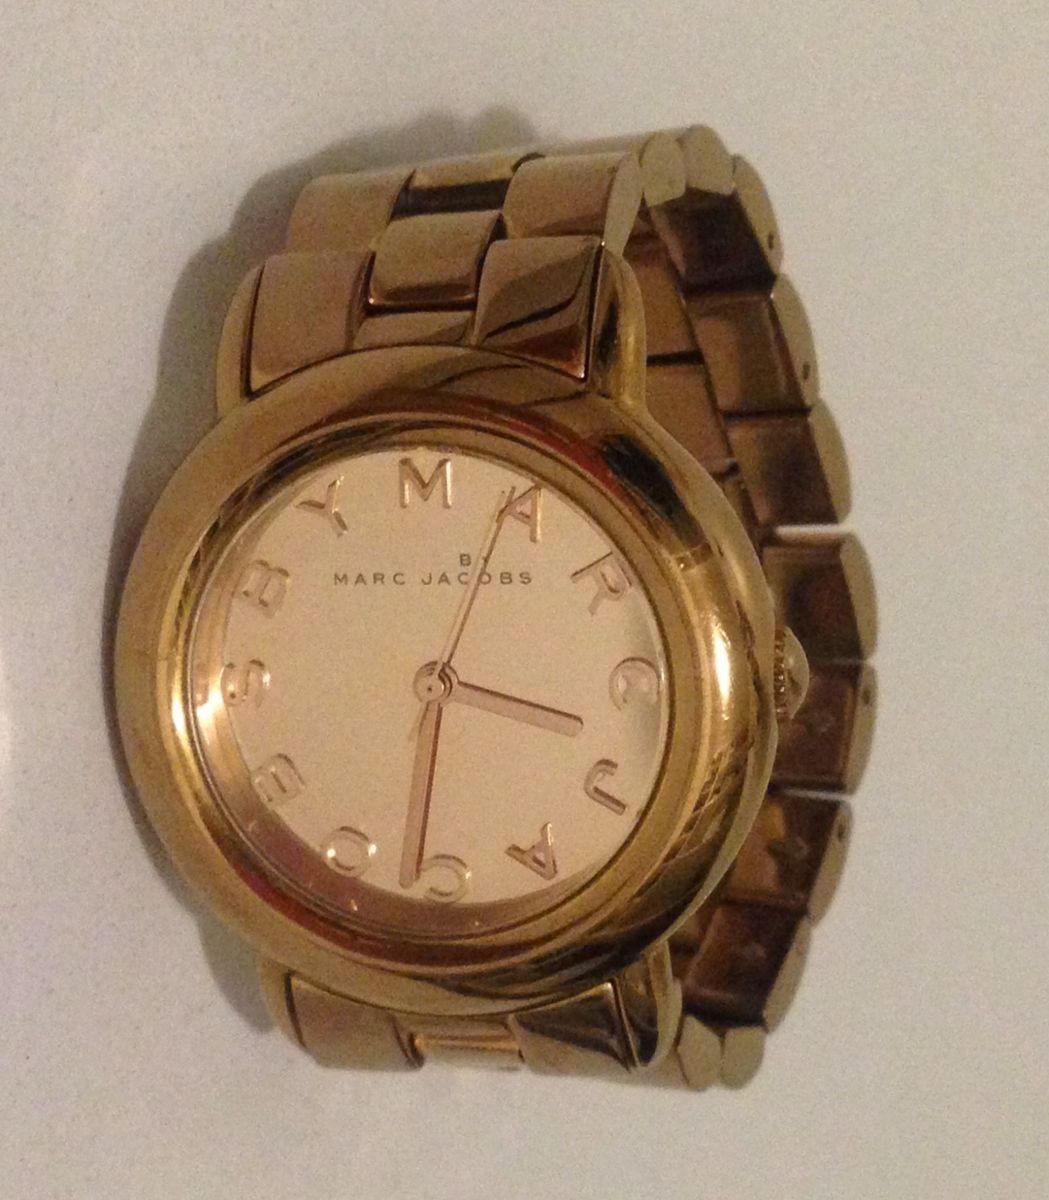 5a859fb96b6 relógio marc jacobs rosé - relógios marc jacobs.  Czm6ly9wag90b3muzw5qb2vplmnvbs5ici9wcm9kdwn0cy81mjaznte5lzewm2vkodvmmtmyownkm2zlmjk3odllmjdjmjy3m2iylmpwzw  ...